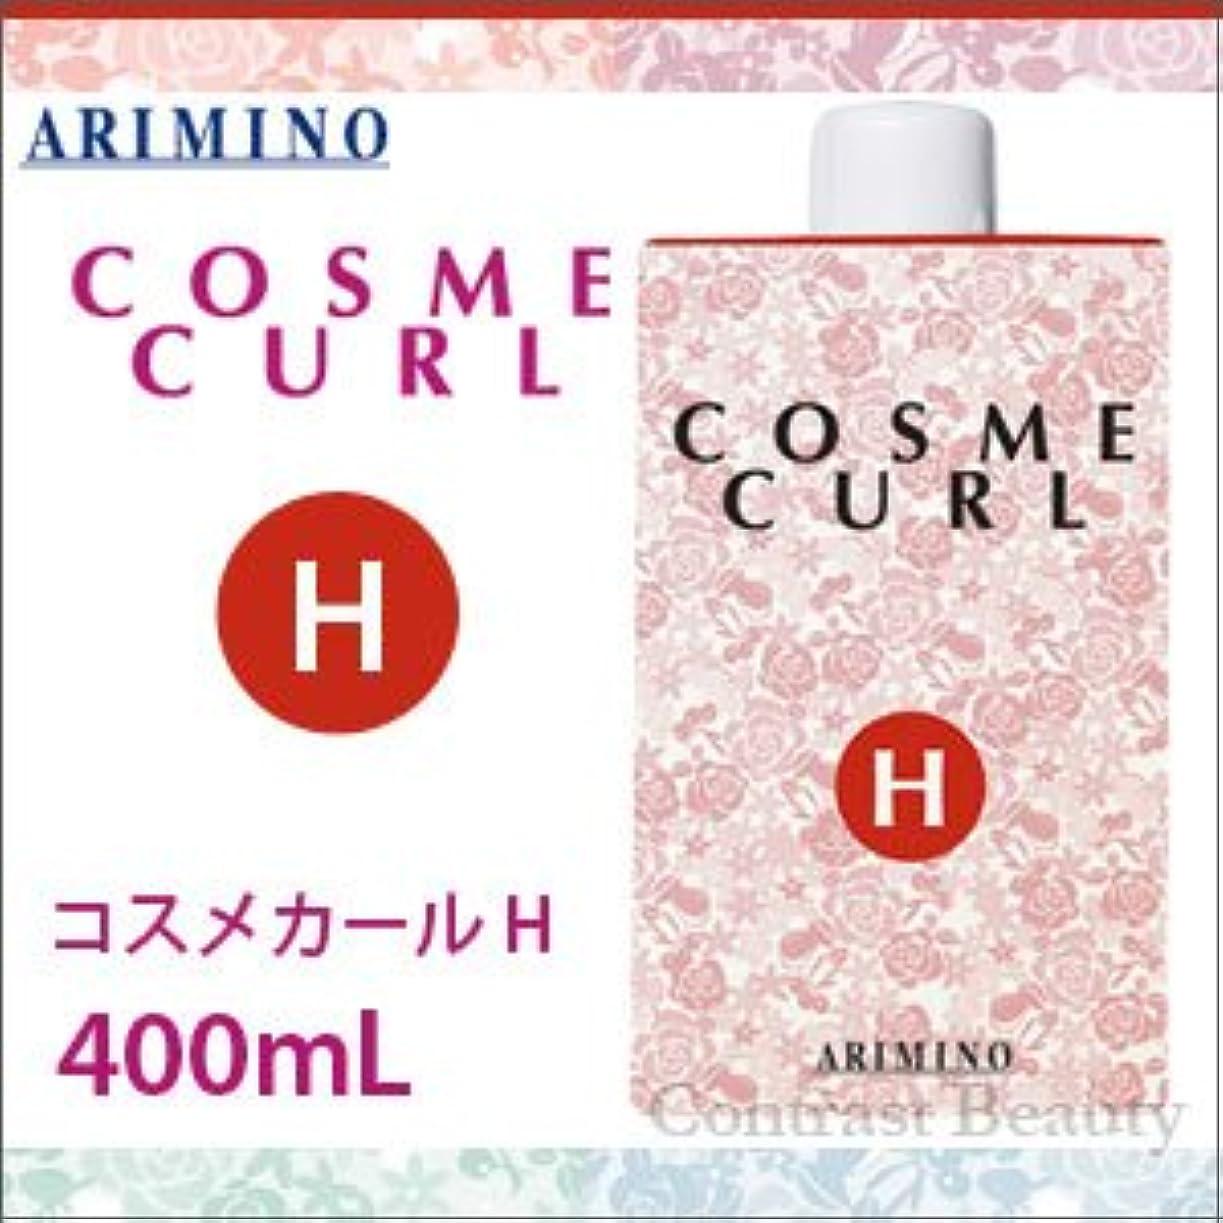 篭抗生物質ピットアリミノ コスメカール H 400ml